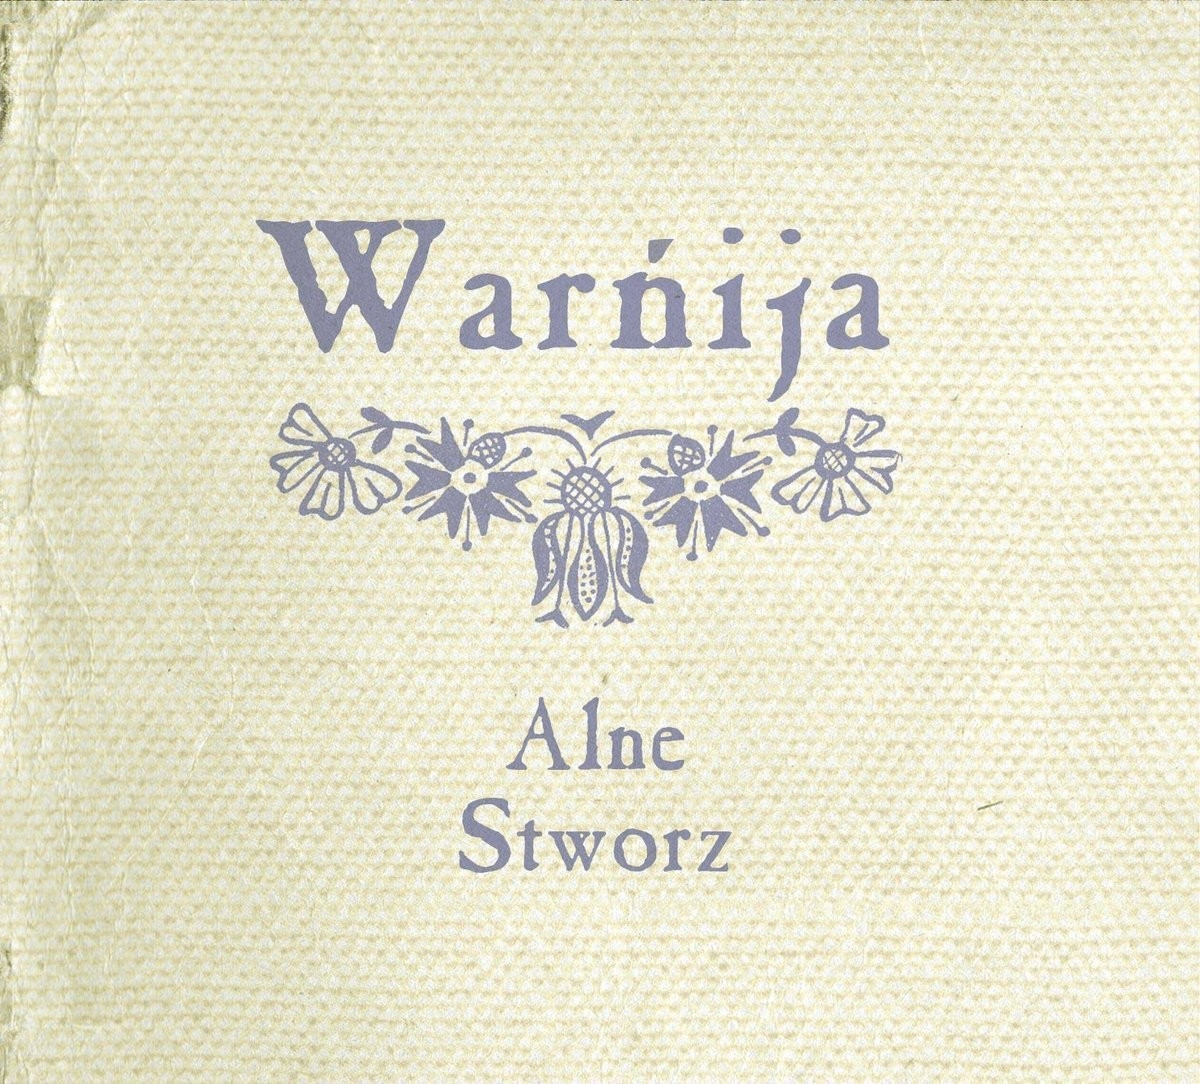 Alne/Stworz – Warńija